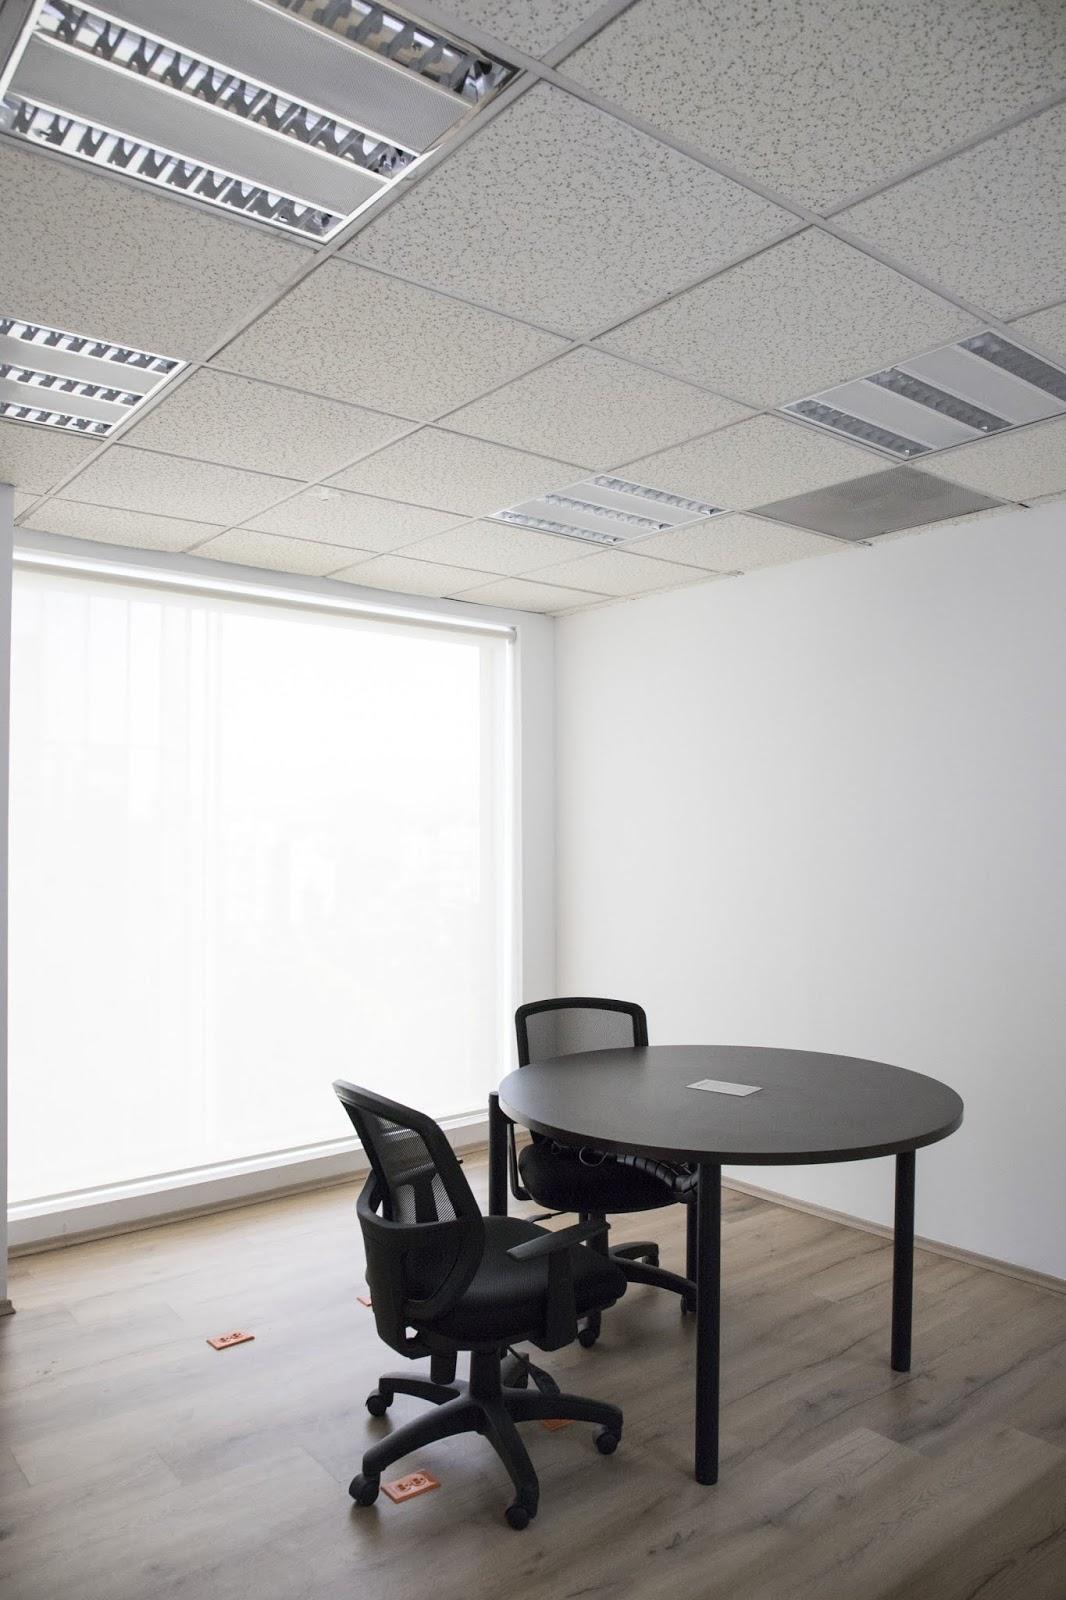 Proyecto Mueble Funcional Diseño De Mobiliario A Medida: Diseño Y Decoración De Interiores Departamentos Pequeños Y